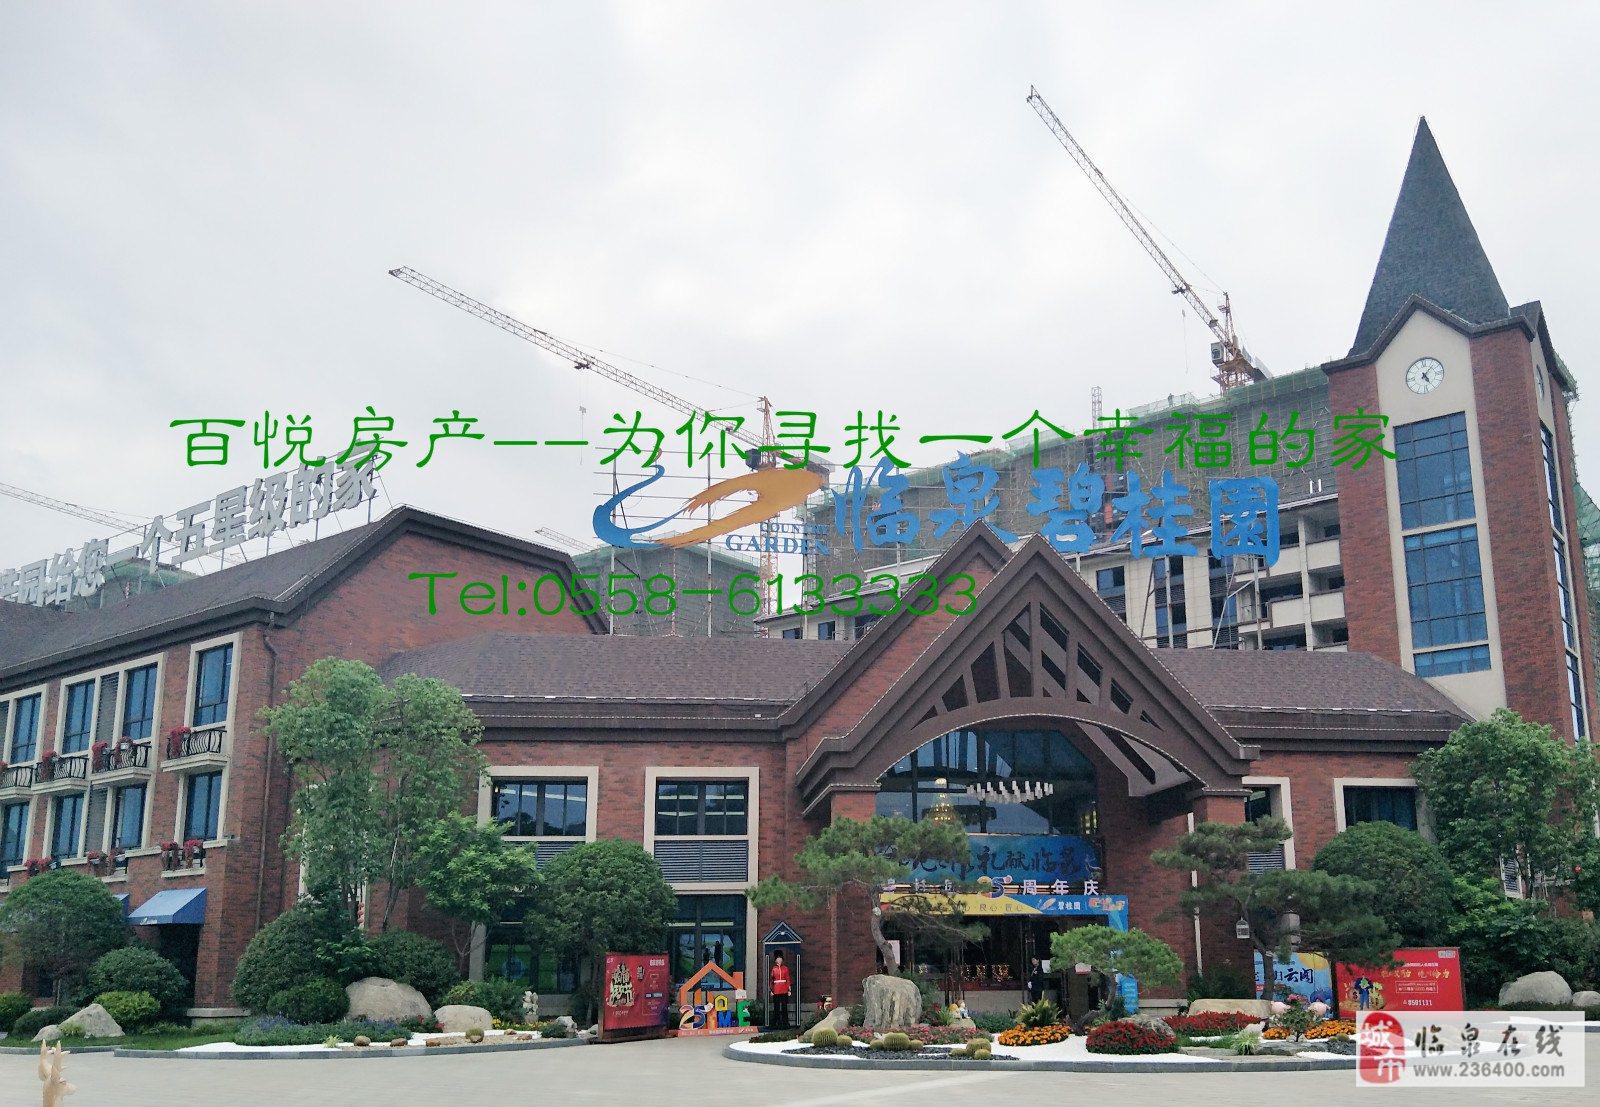 临泉碧桂园4室2厅2卫106万,经典户型看公园